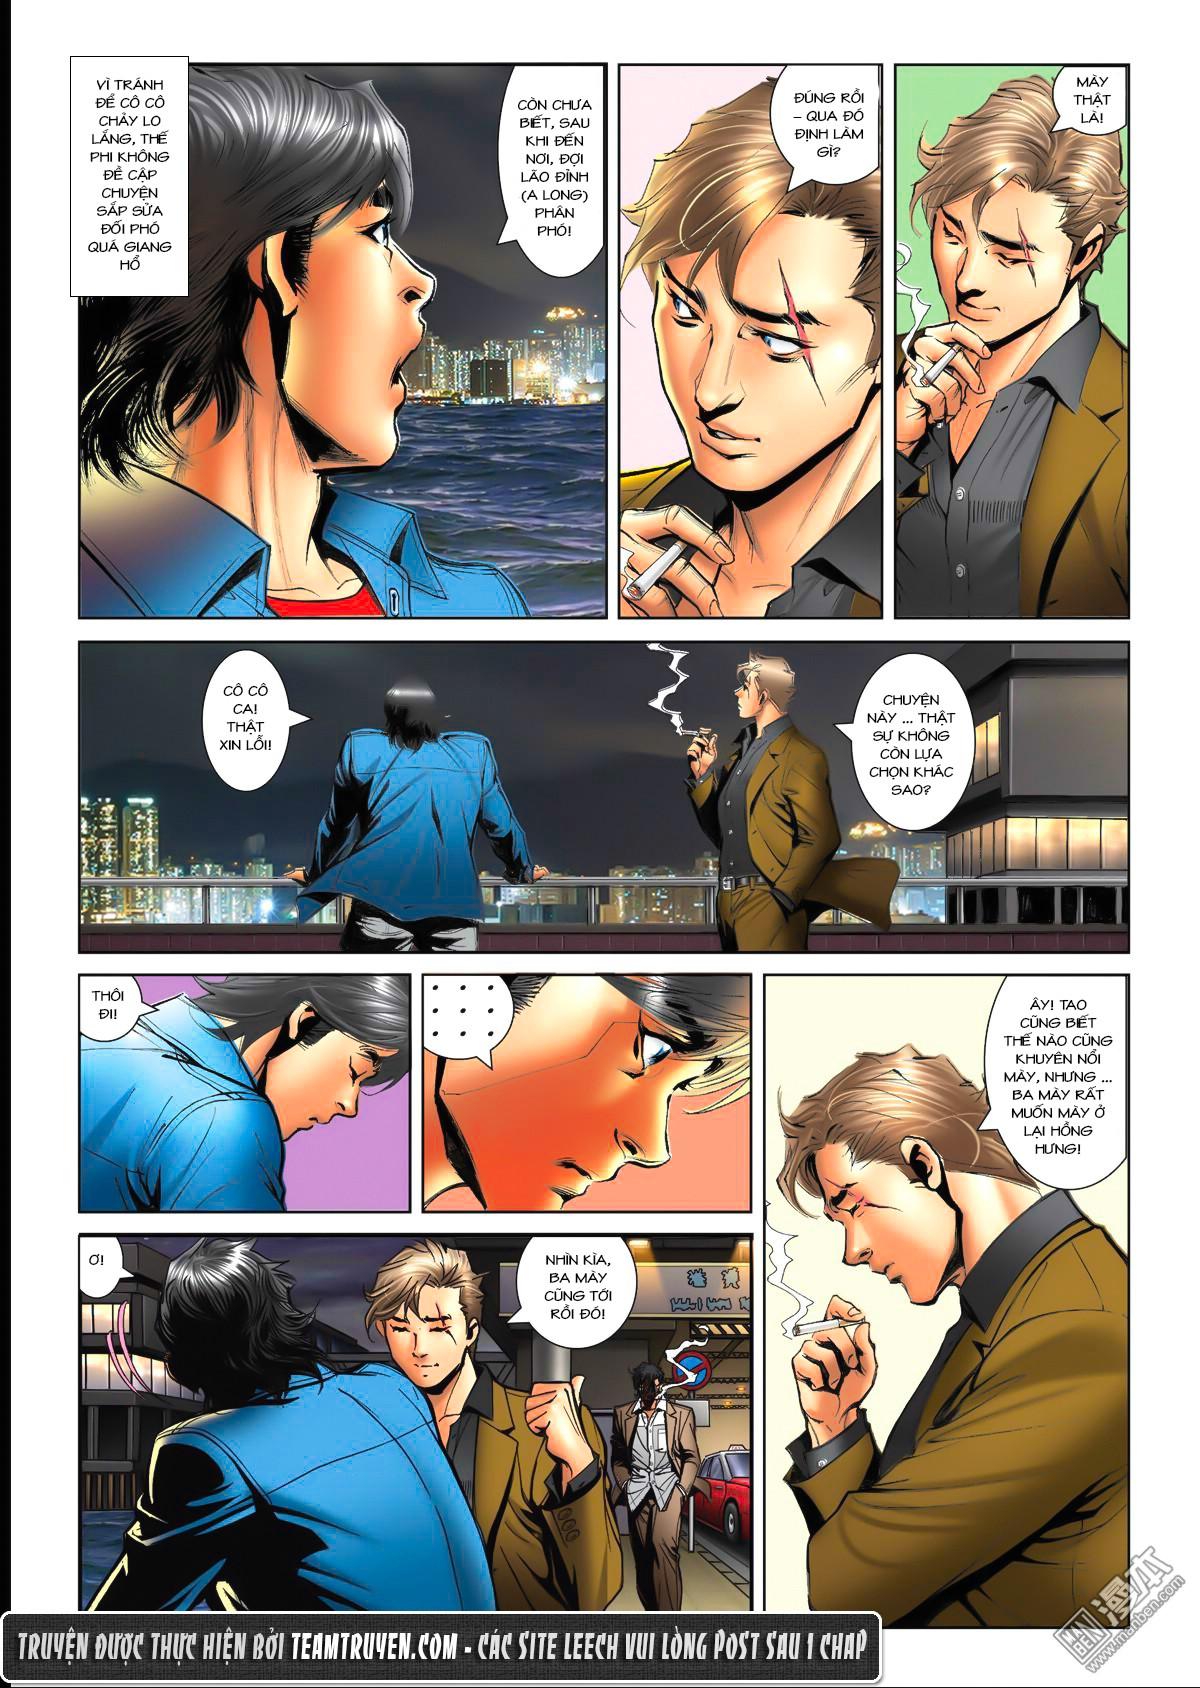 Người Trong Giang Hồ NetTruyen chap 1564 - Trang 4